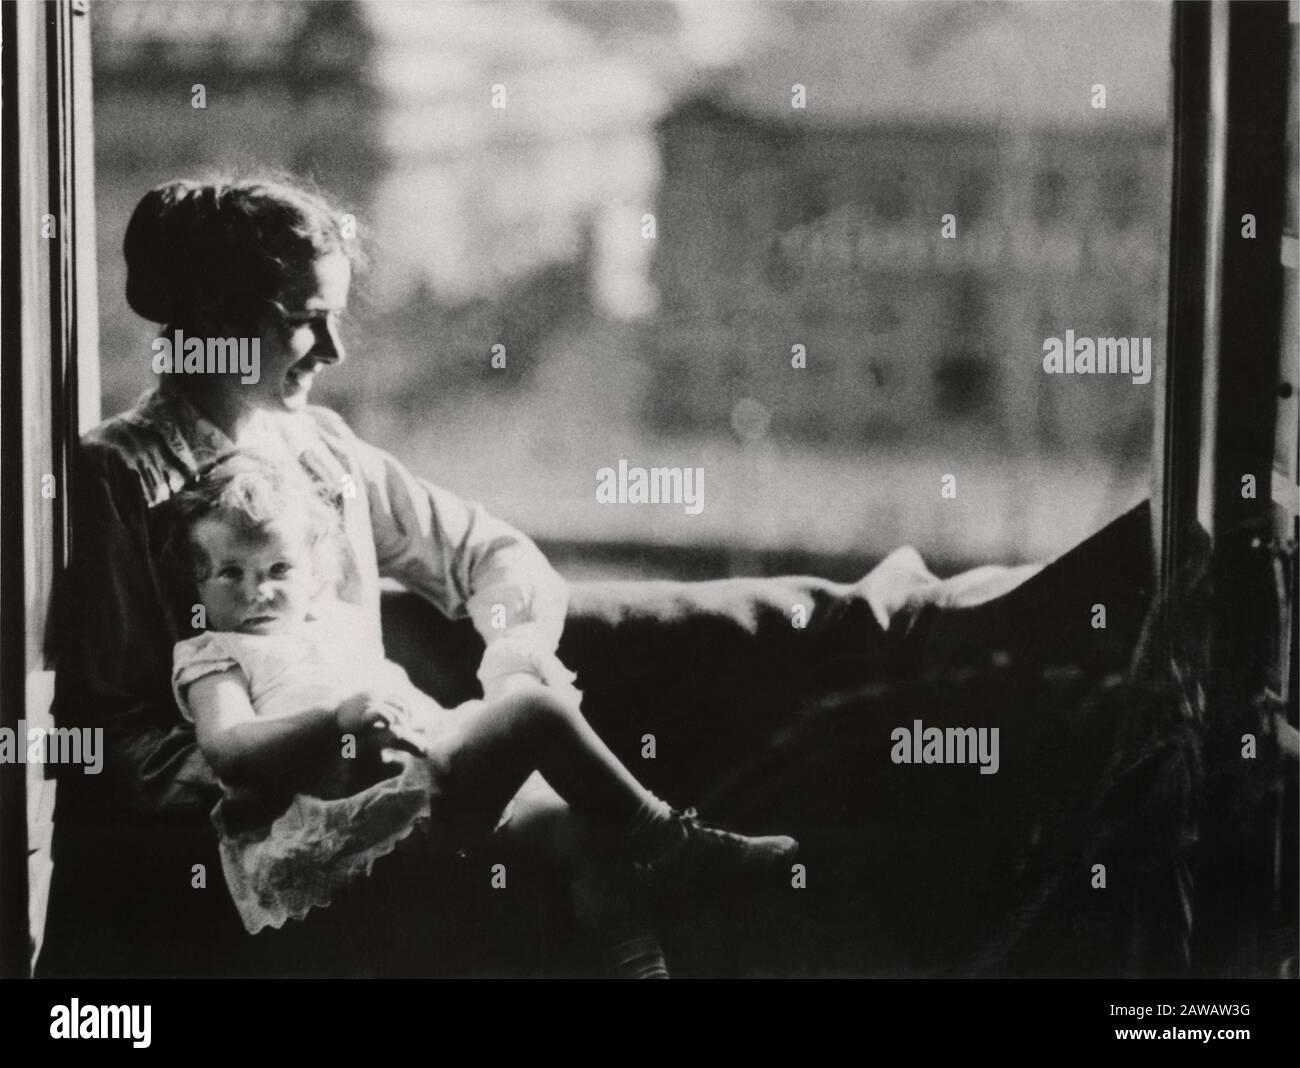 1918 ca. Stockholm, SUÈDE: L'actrice suédoise INGRID BERGMAN ( 1915 - 1982 ) avec la mère . Sa Mère, Friedel Adler Bergman, Hambourg, Germa Banque D'Images